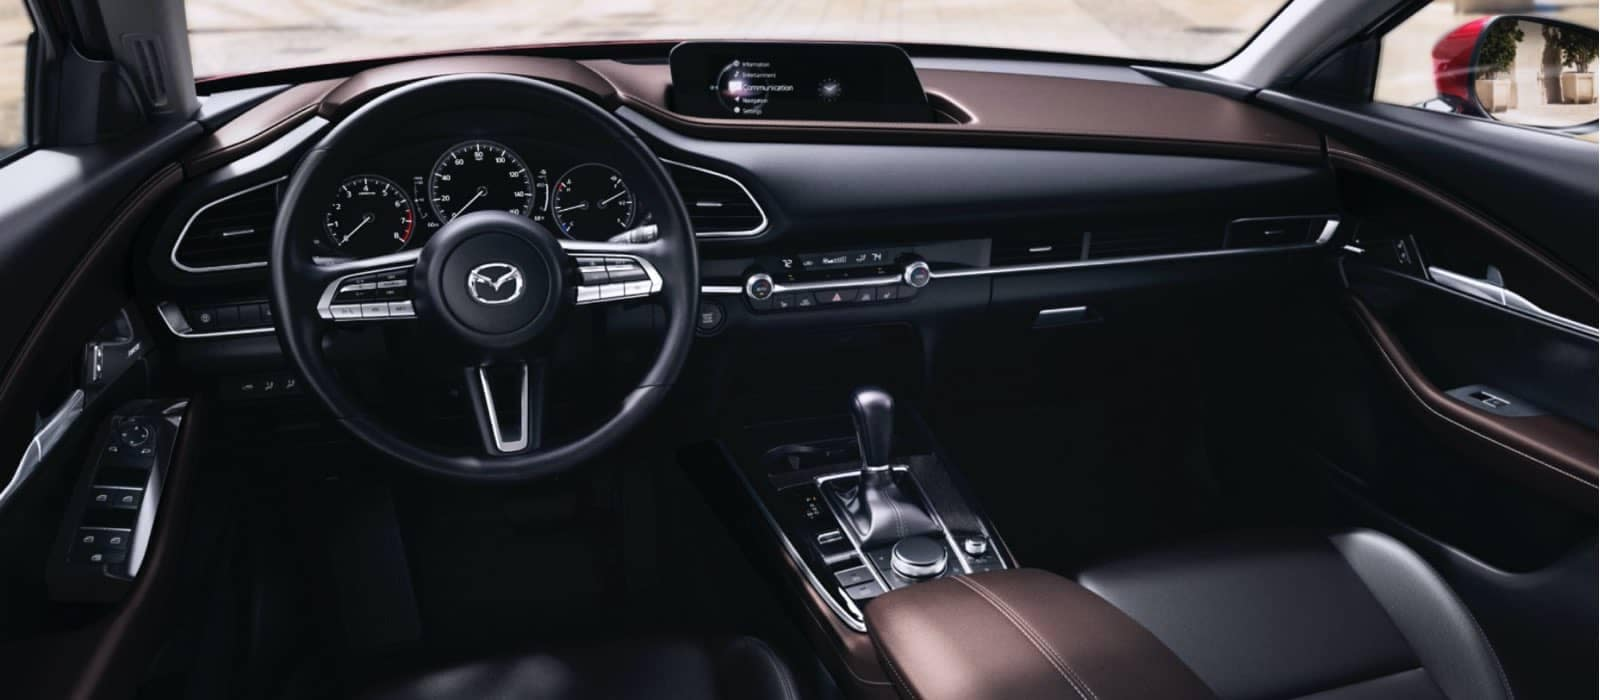 2021 Mazda CX-30 front interior